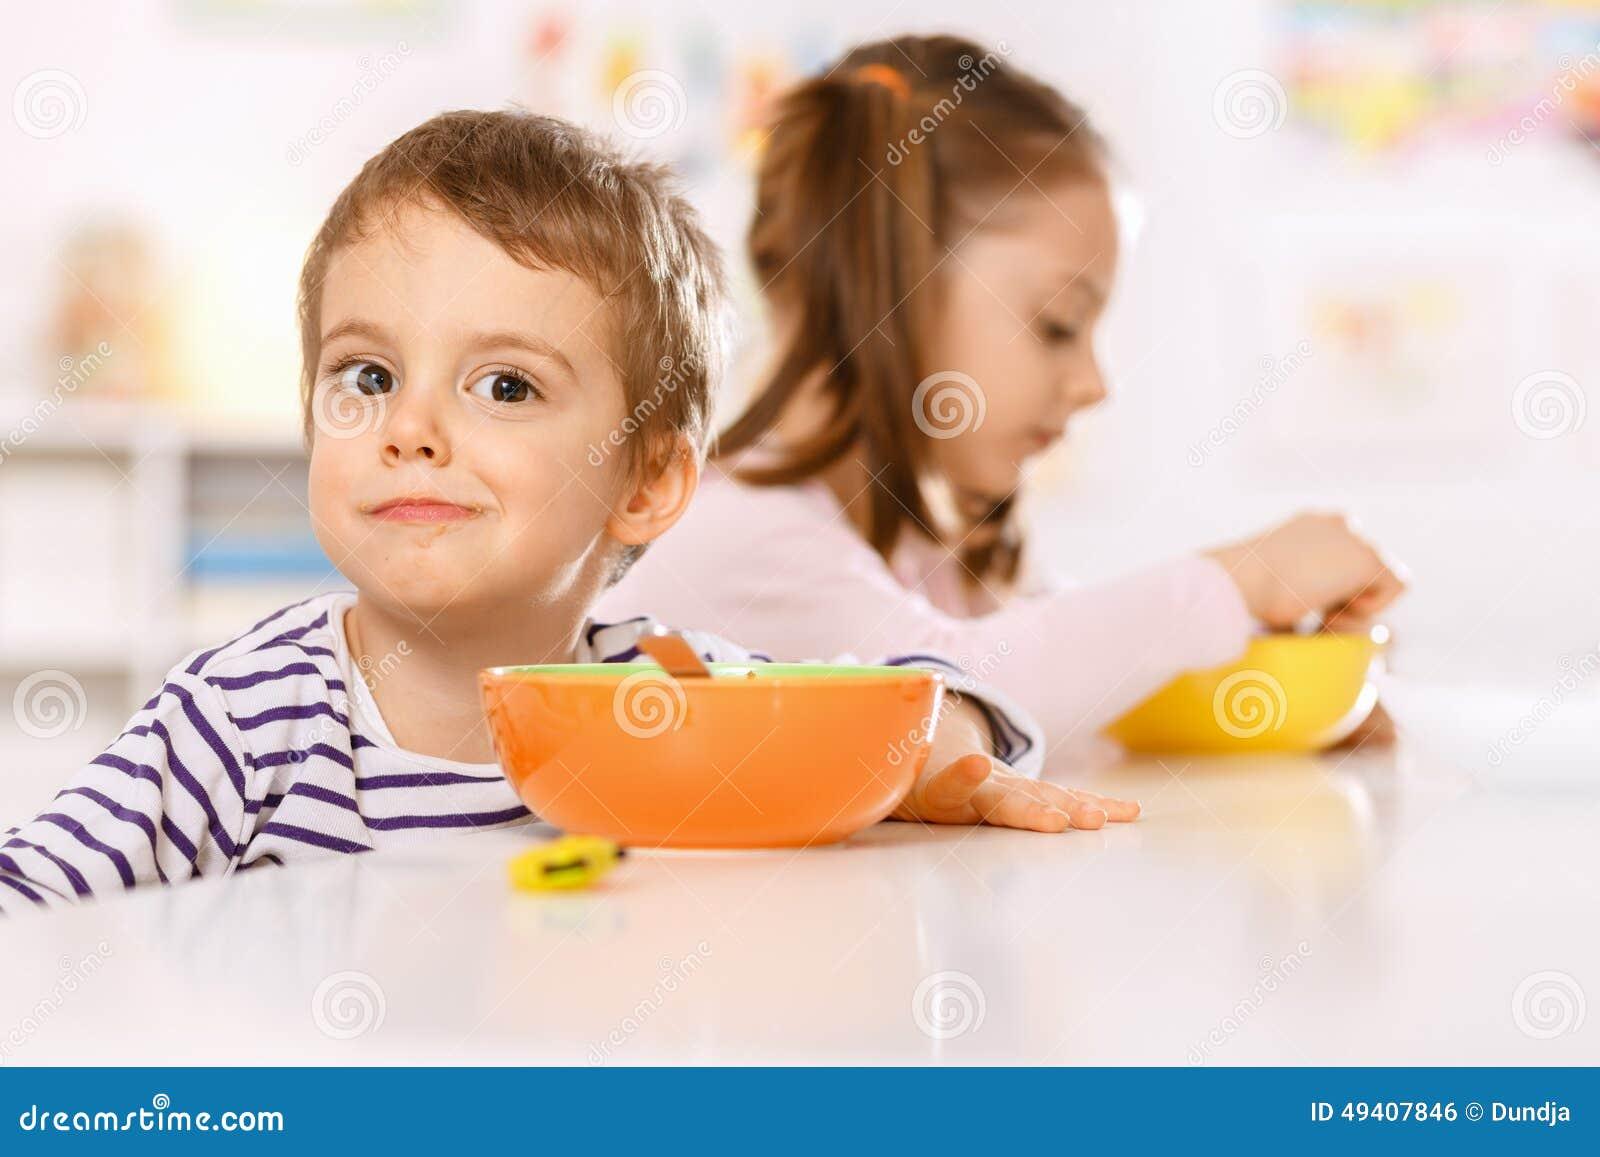 Download Kinder, die frühstücken stockfoto. Bild von haben, haupt - 49407846